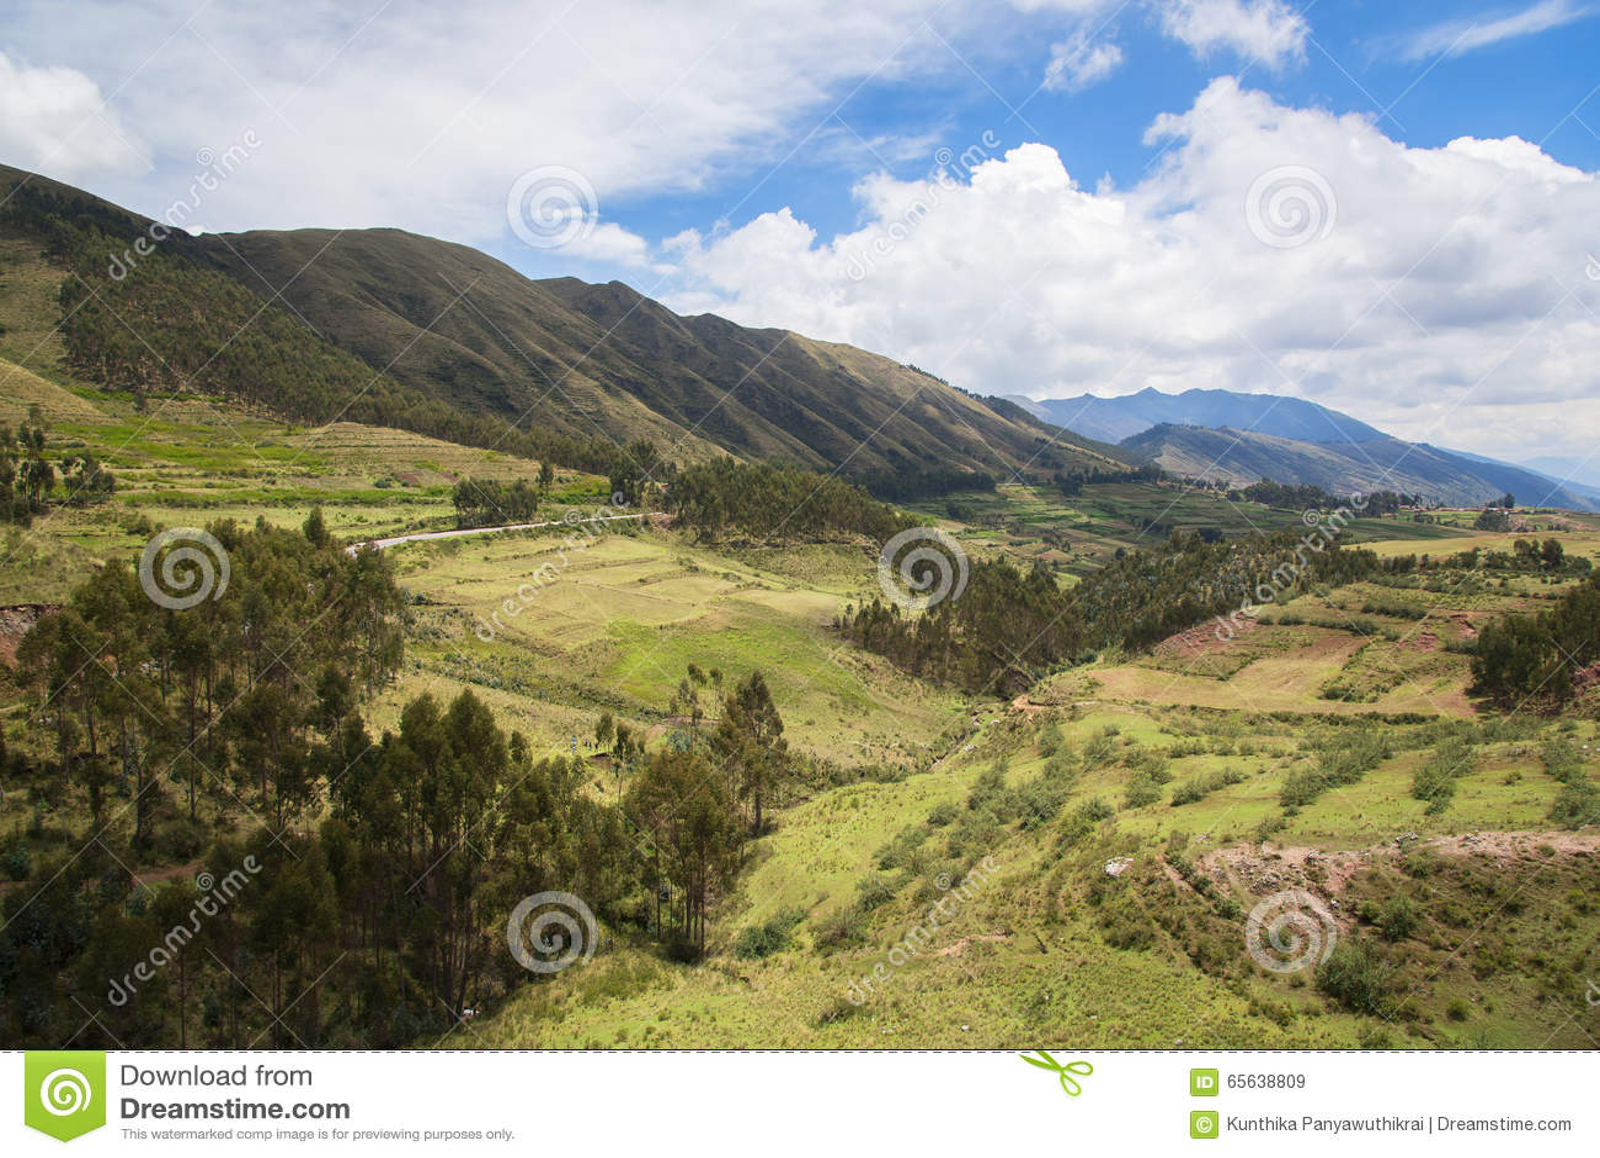 Montagne verte et ciel bleu